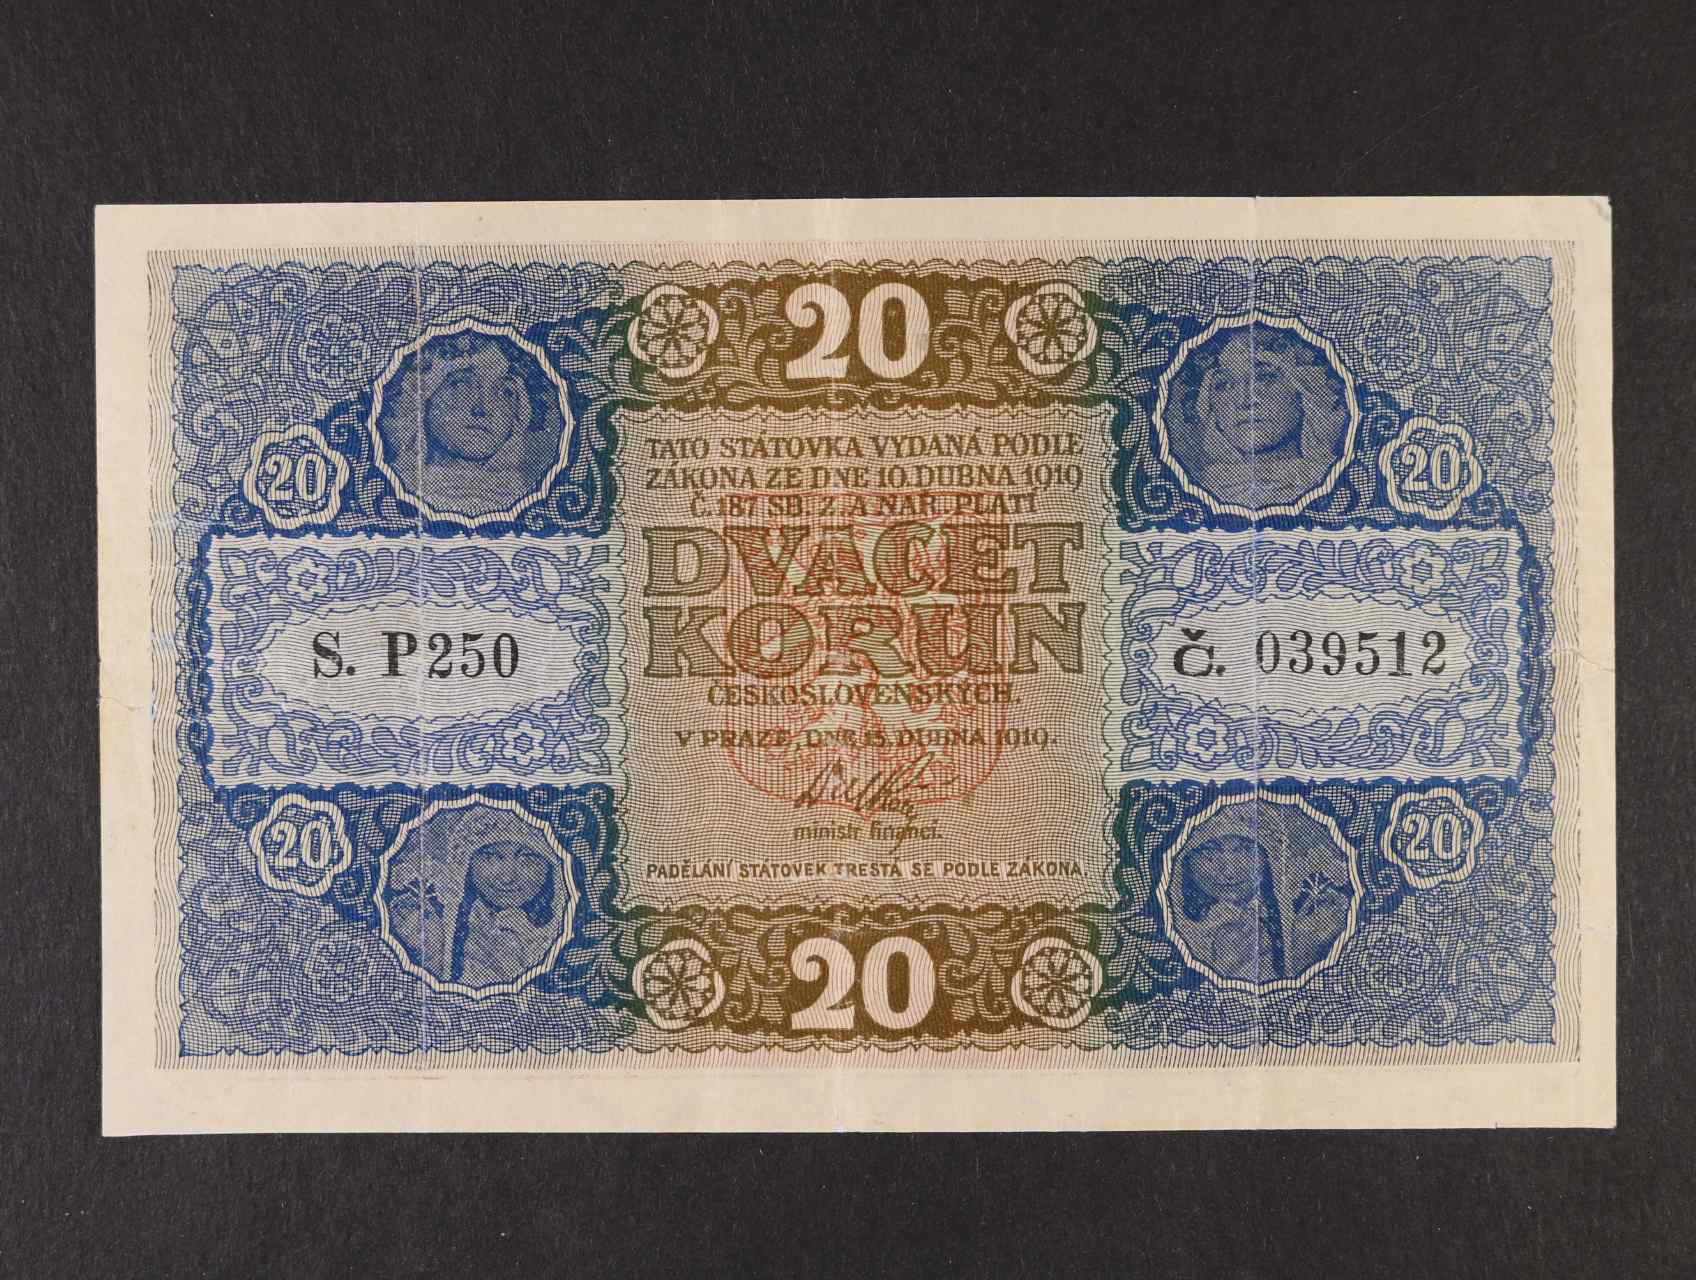 20 Kč 15.4.1919 série P 250, Ba. 10a, Pi. 9a